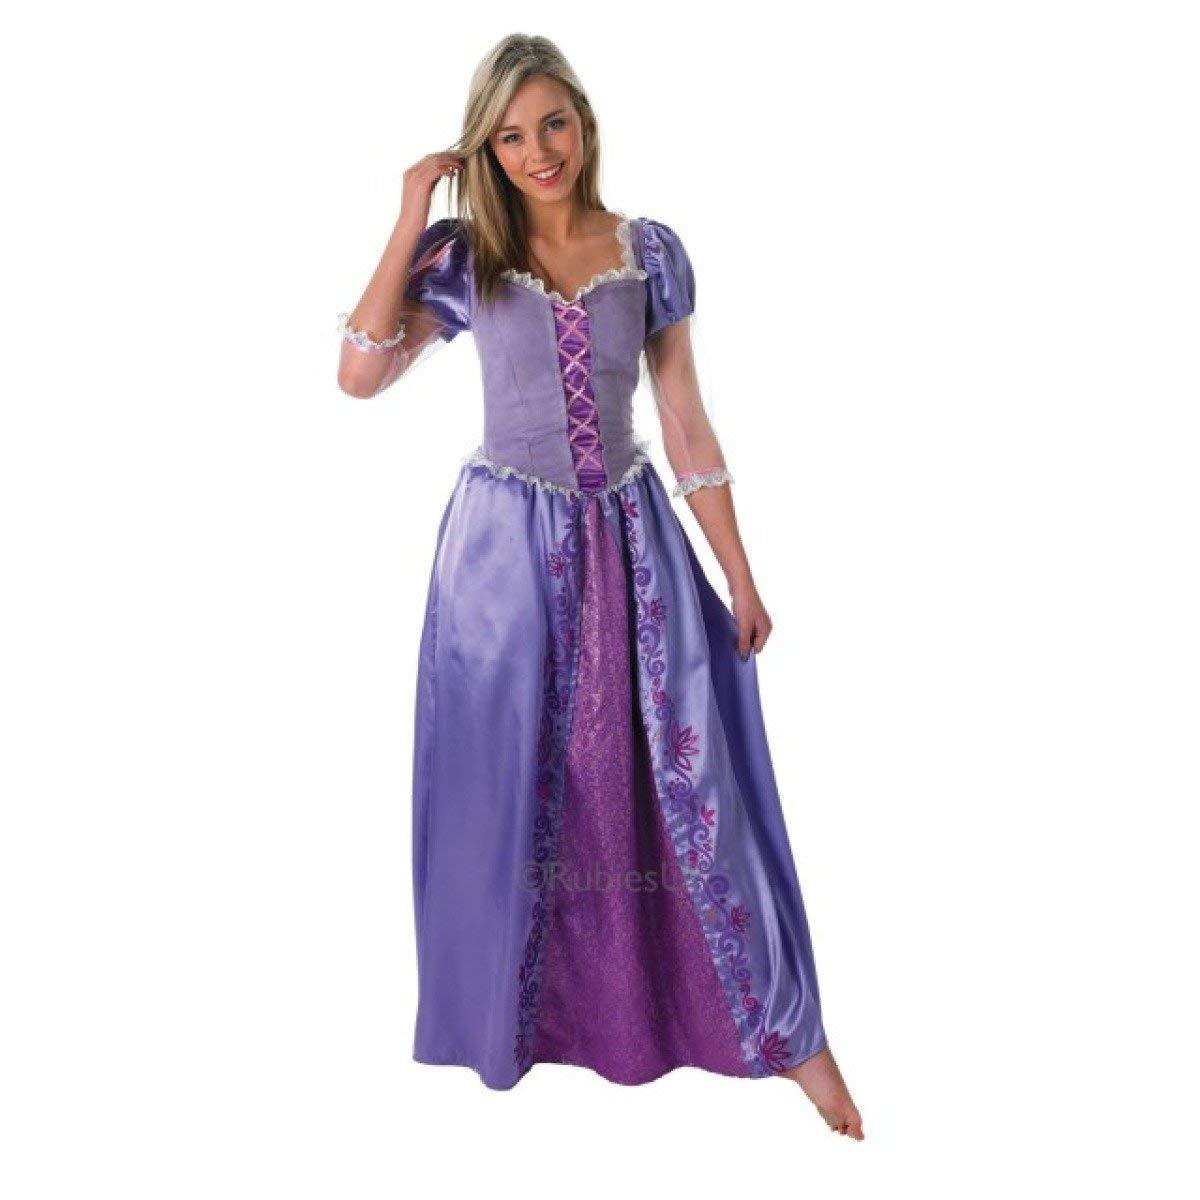 Rubies s oficial, Rapunzel, Disney princesa disfraz de - tamaño grande para adulto: Amazon.es: Juguetes y juegos